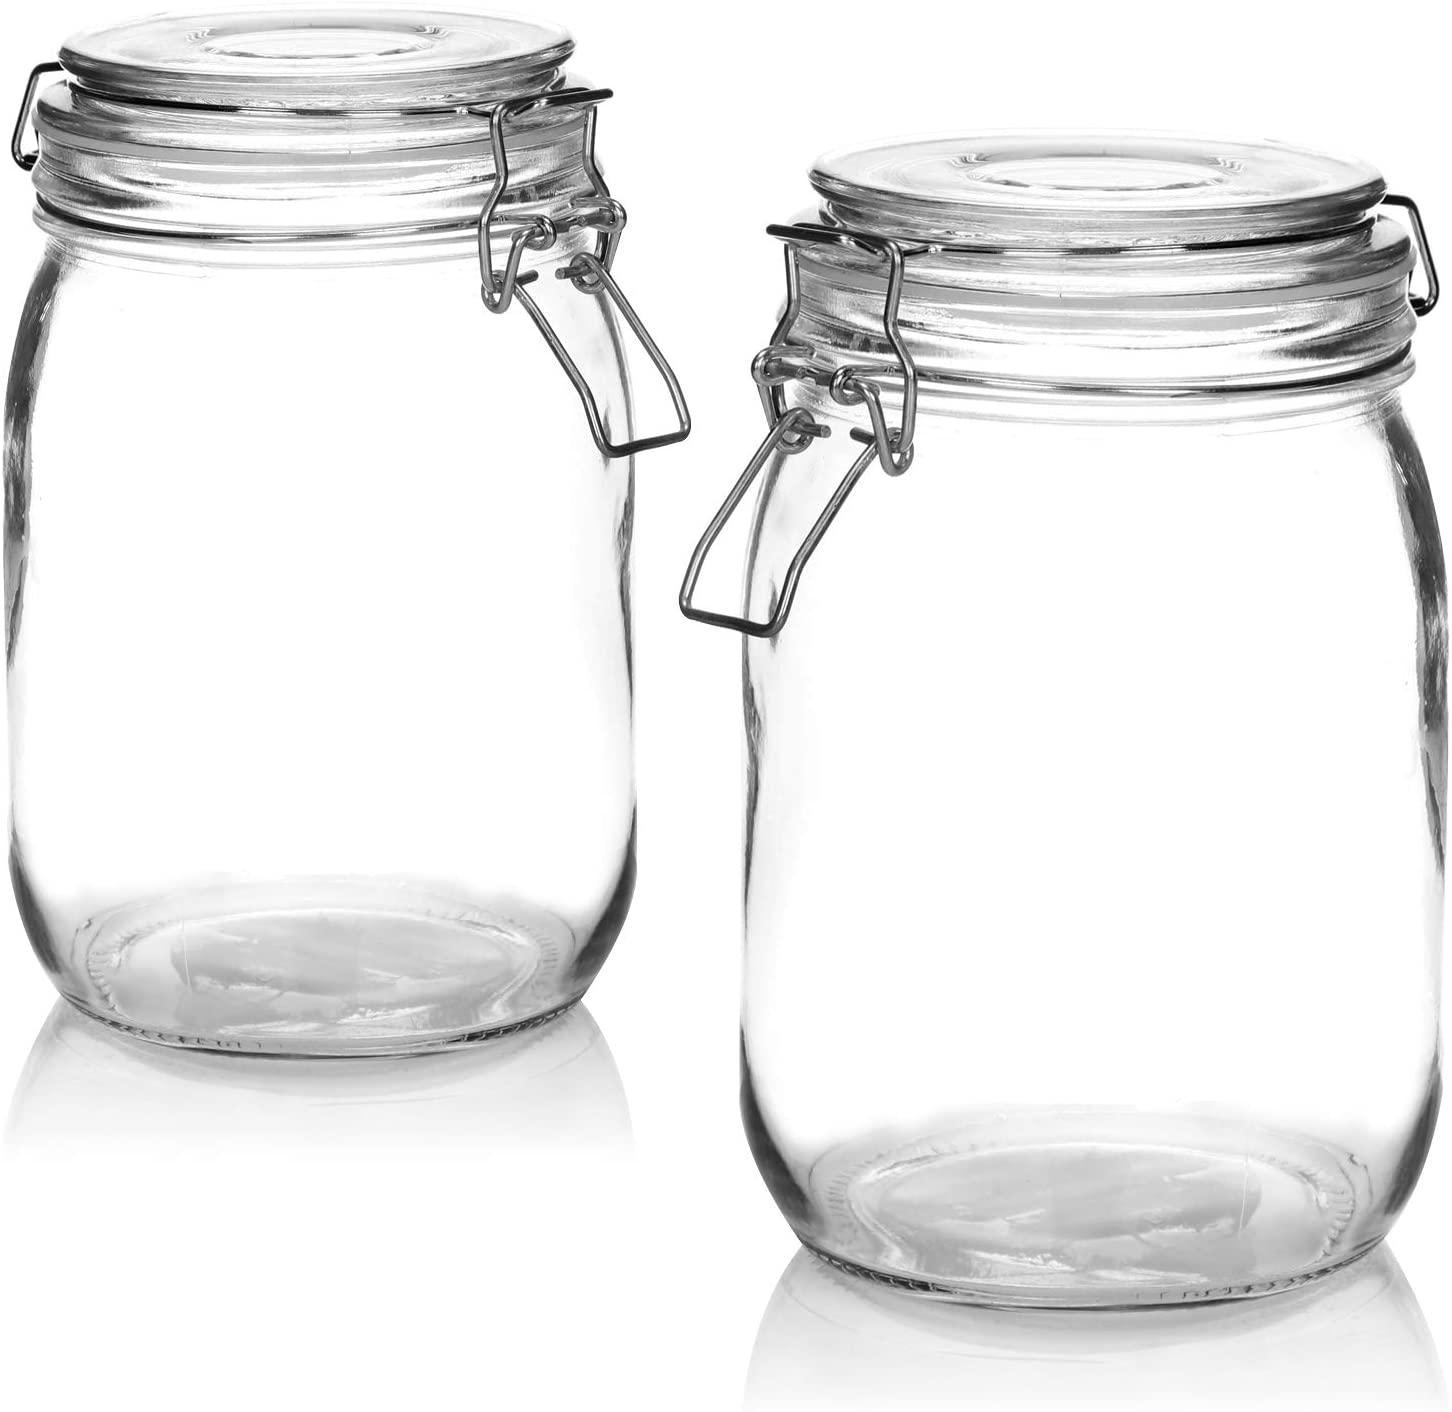 Vasetti di vetro per conserve fatte in casa